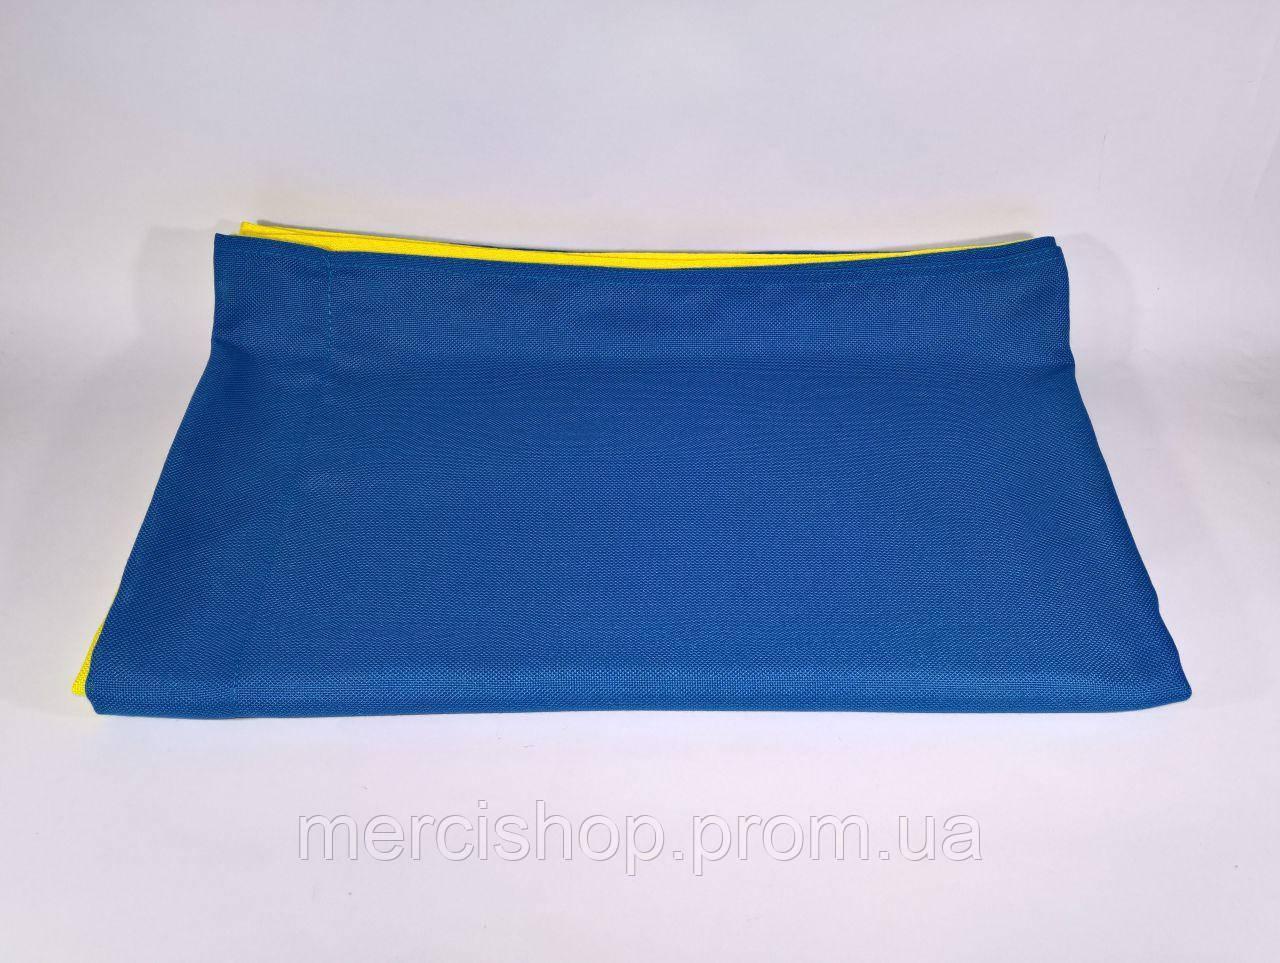 Флаг Украины 100см*150см - 1 Год гарантии 100см*150см